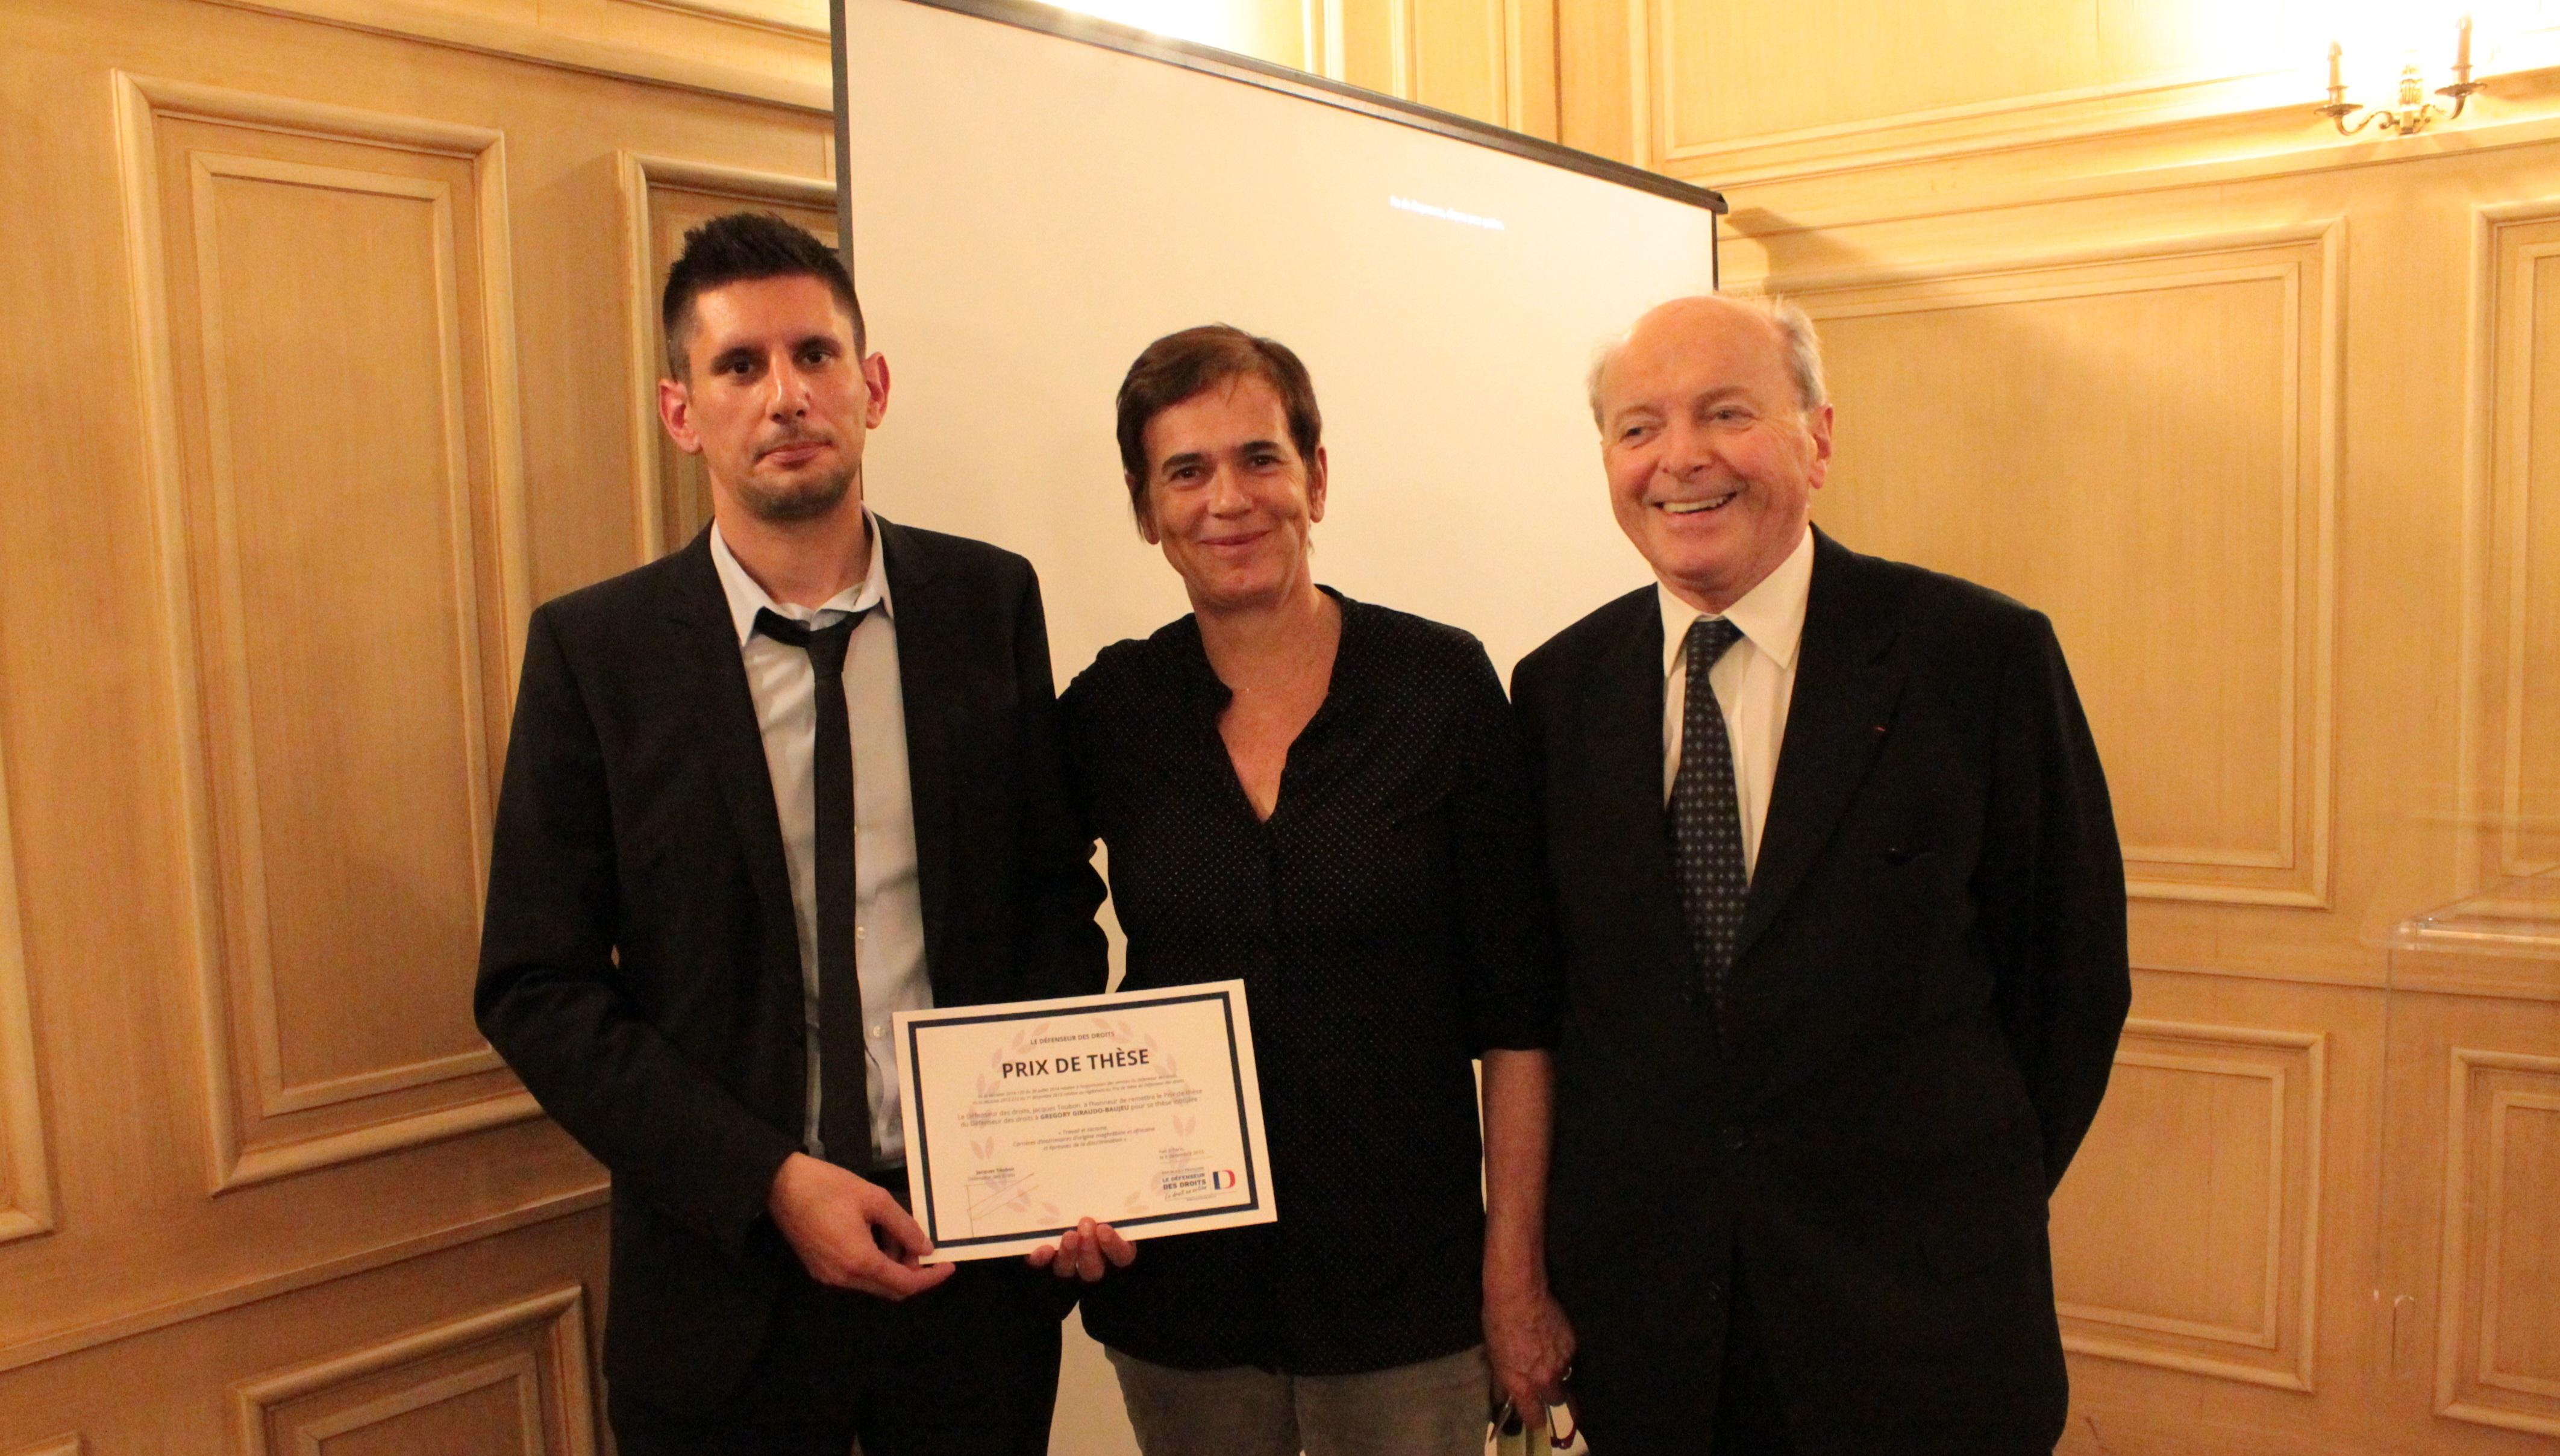 photo - remise du Prix de thèse 2015 à Grégory GIRAUDO-BAUJEU par Jacques-Toubon, Défenseur des droits